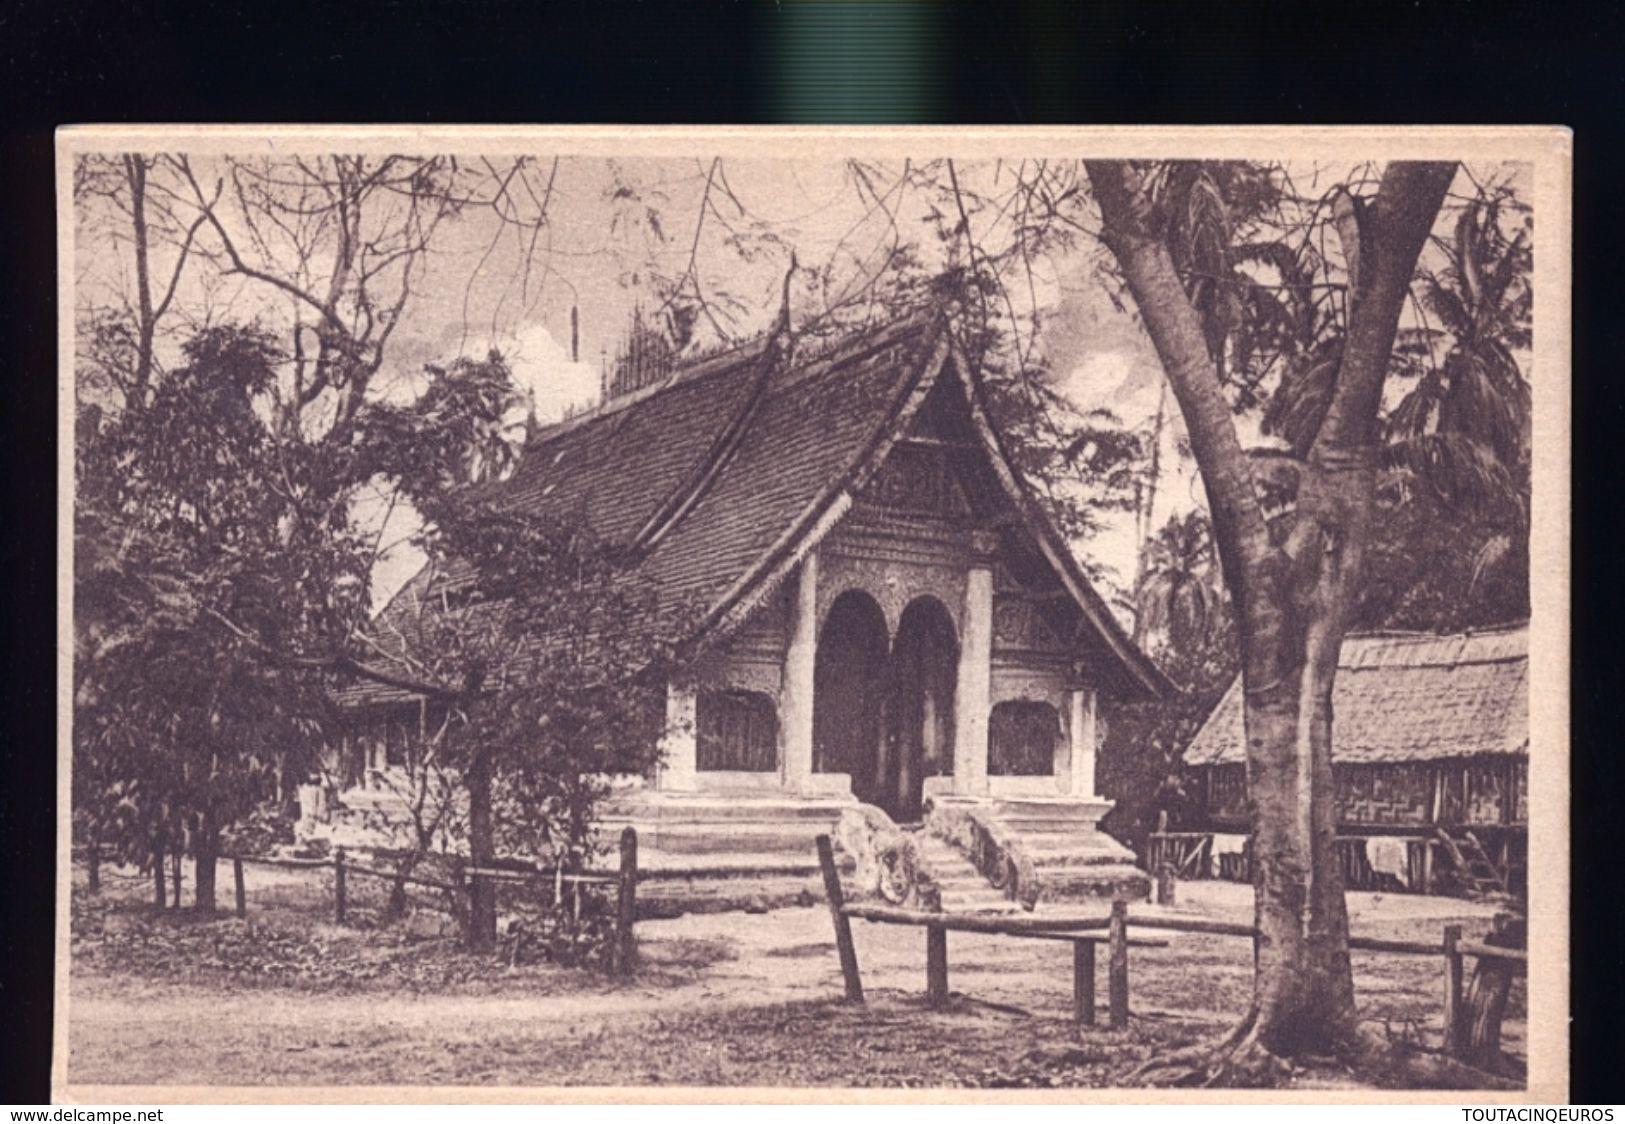 LUANG PRAGAND - Postcards